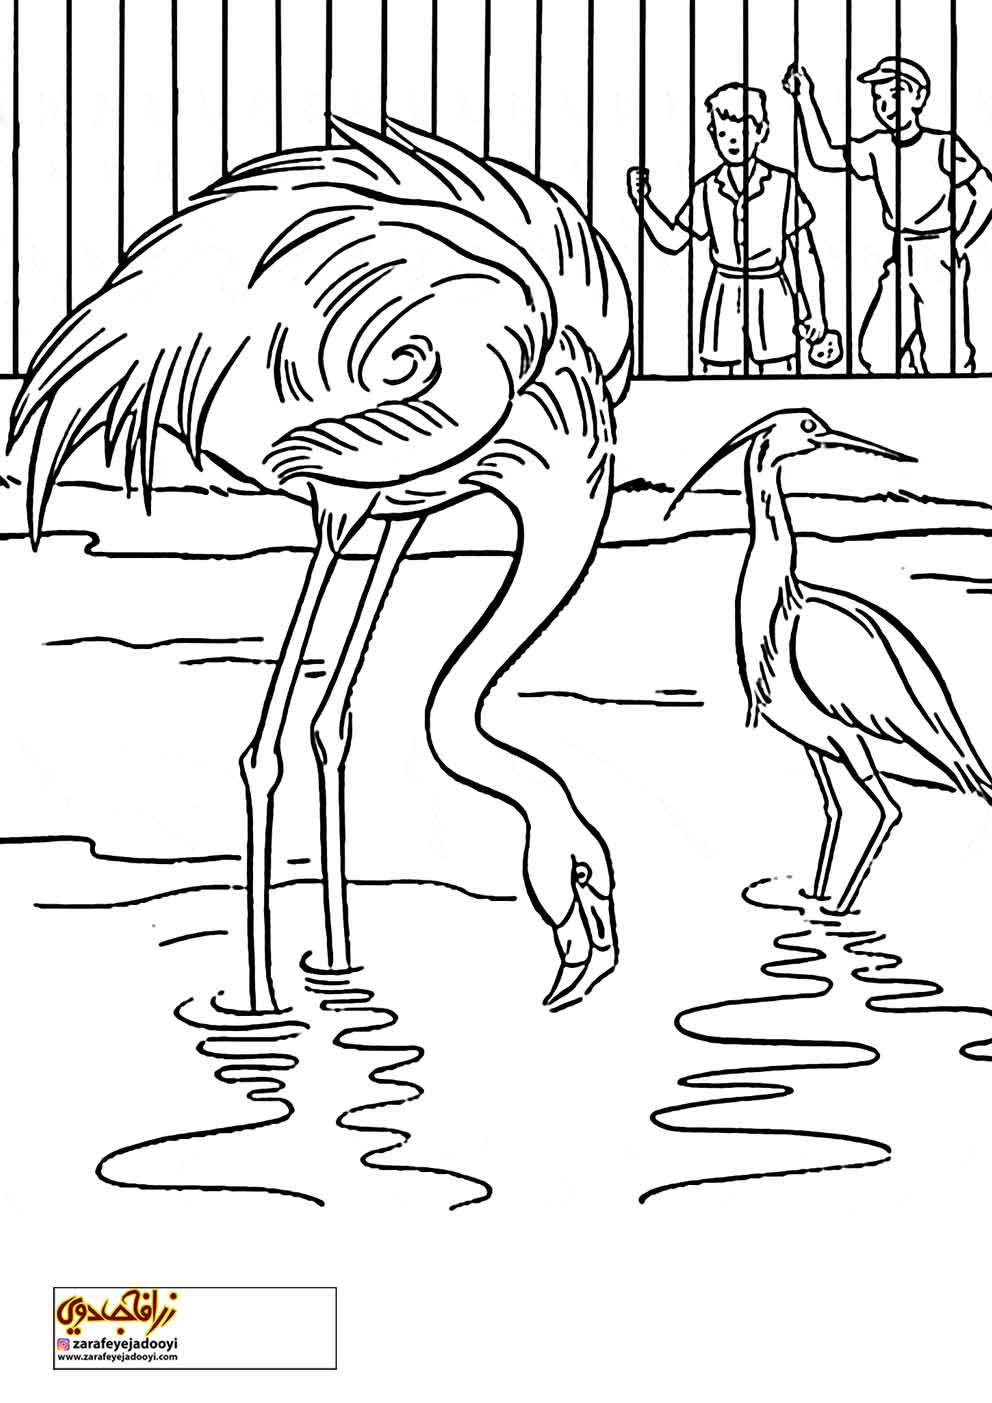 زرافه-جادویی-رنگ-آمیزی-کودکان-پرنده-10